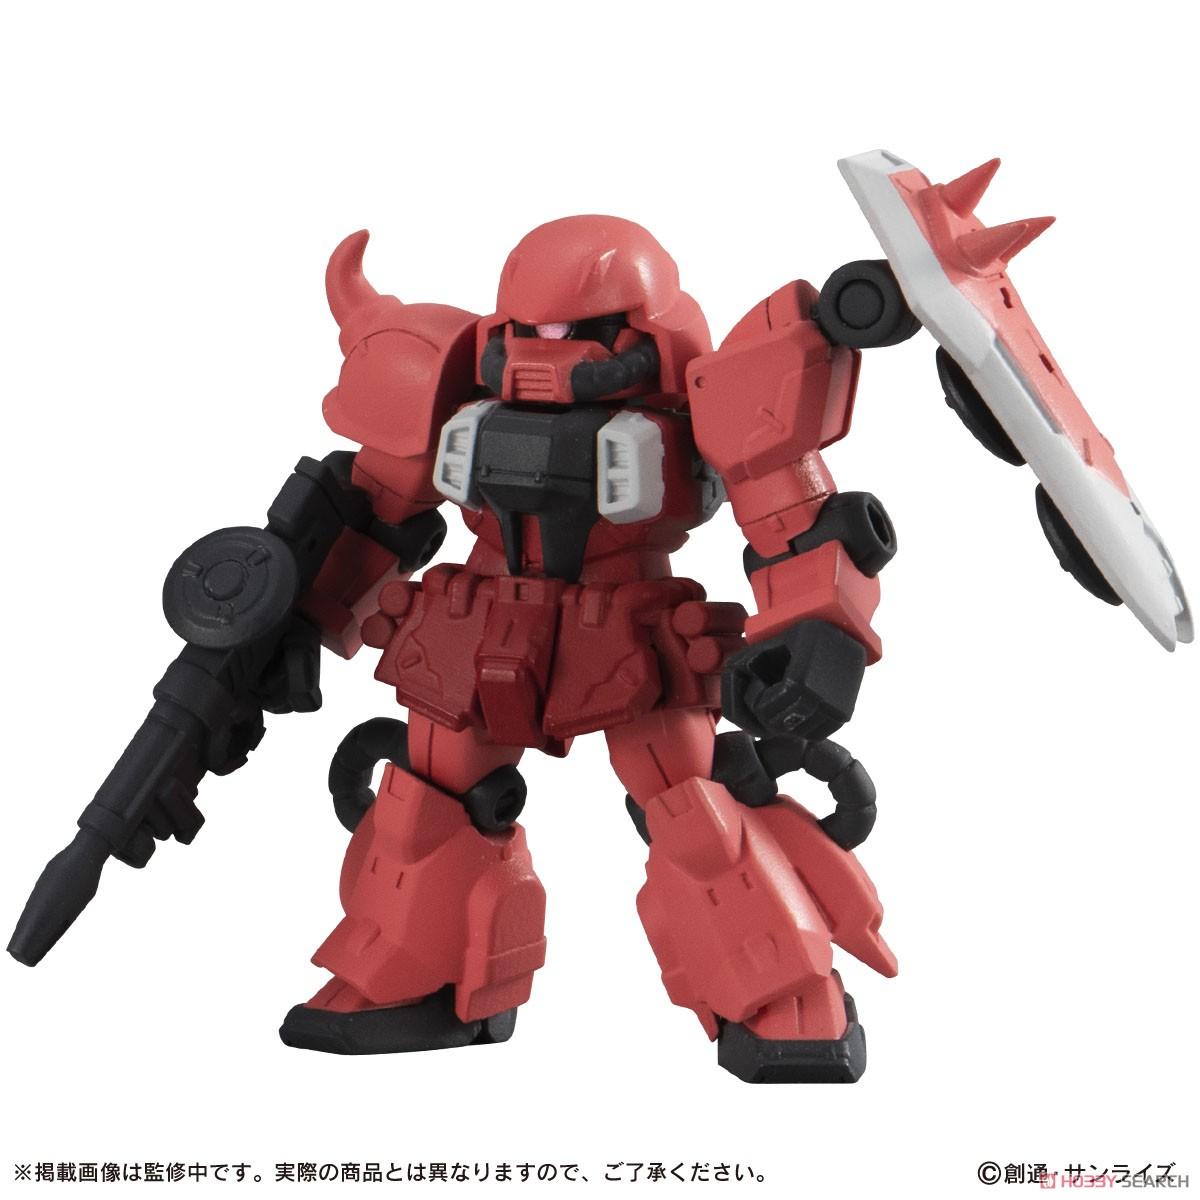 機動戦士ガンダム『MOBILE SUIT ENSEMBLE18』デフォルメ可動フィギュア 10個入りBOX-004